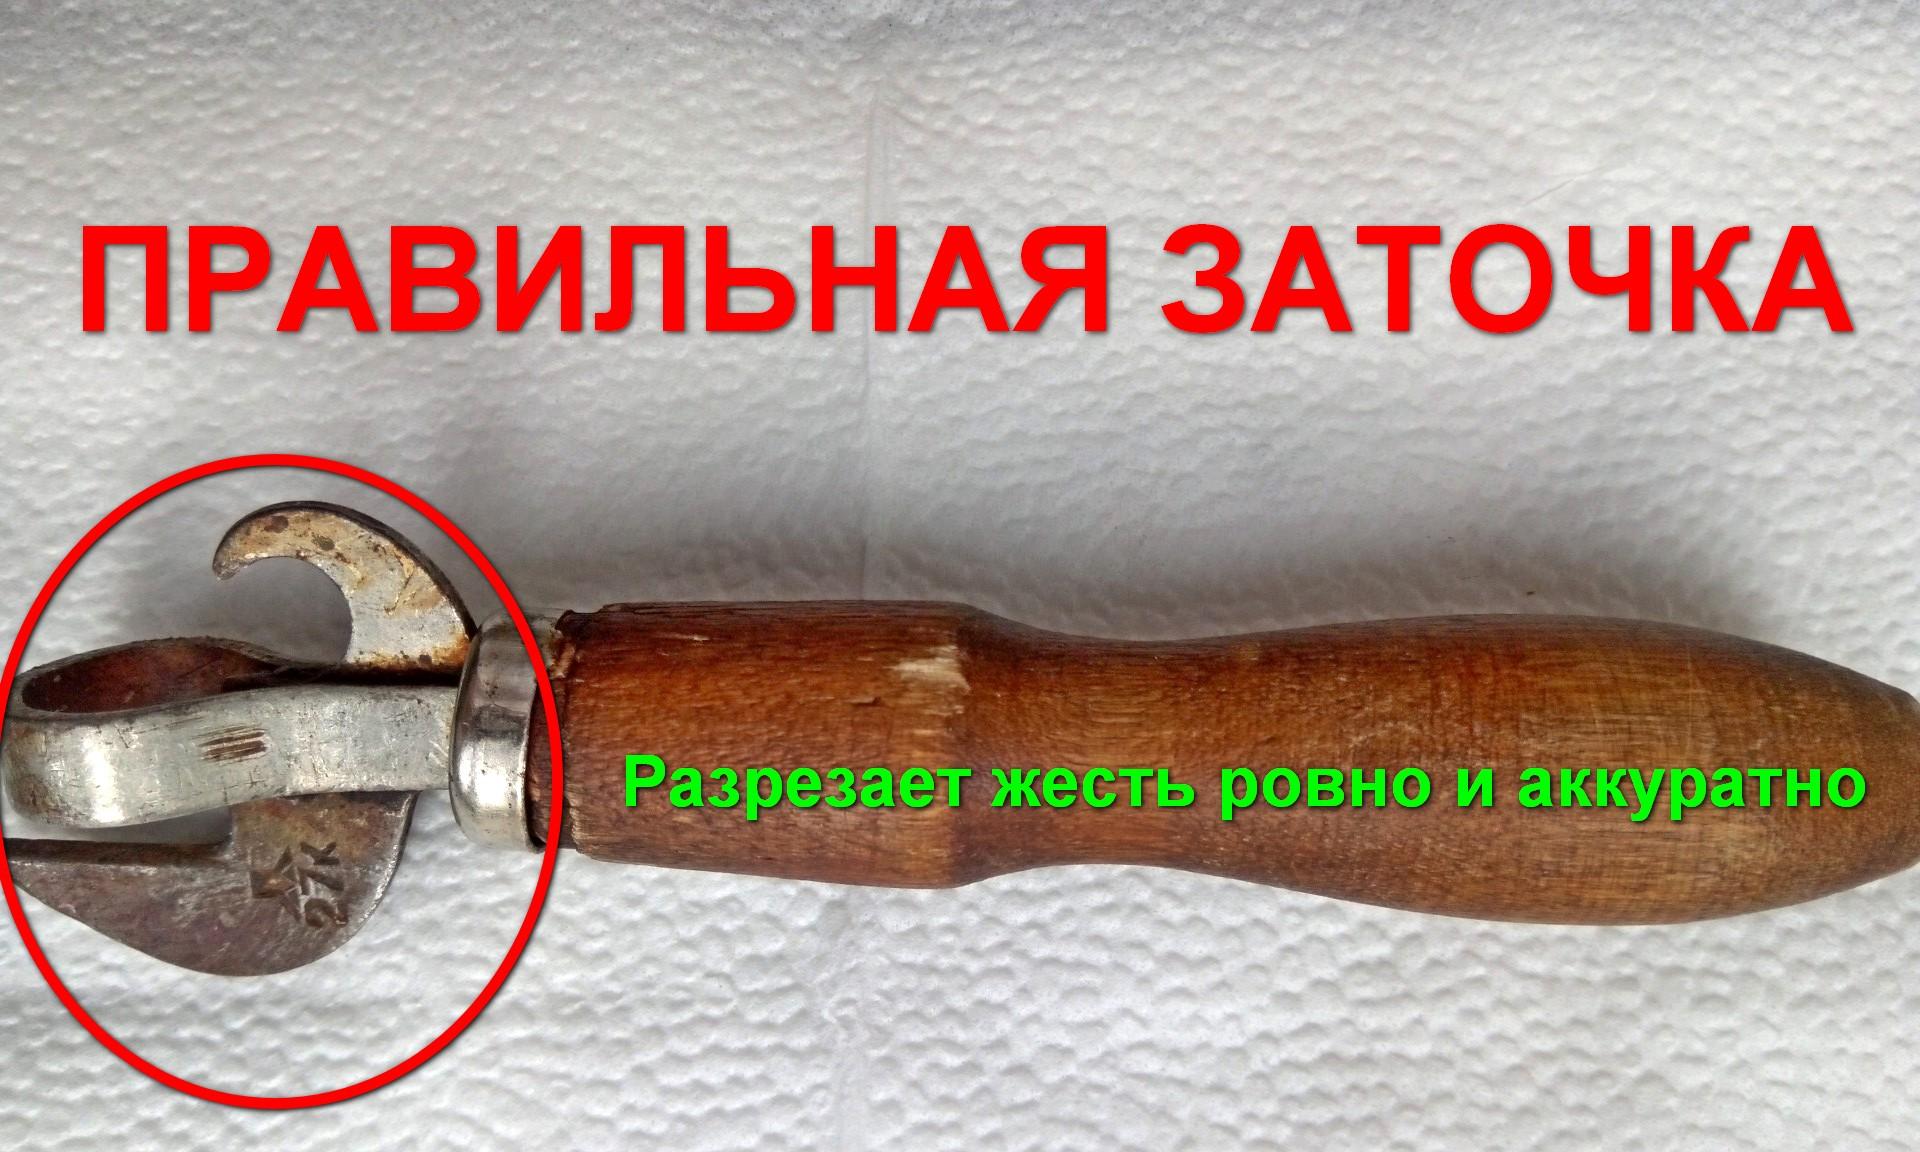 Консервный нож (правильная заточка)